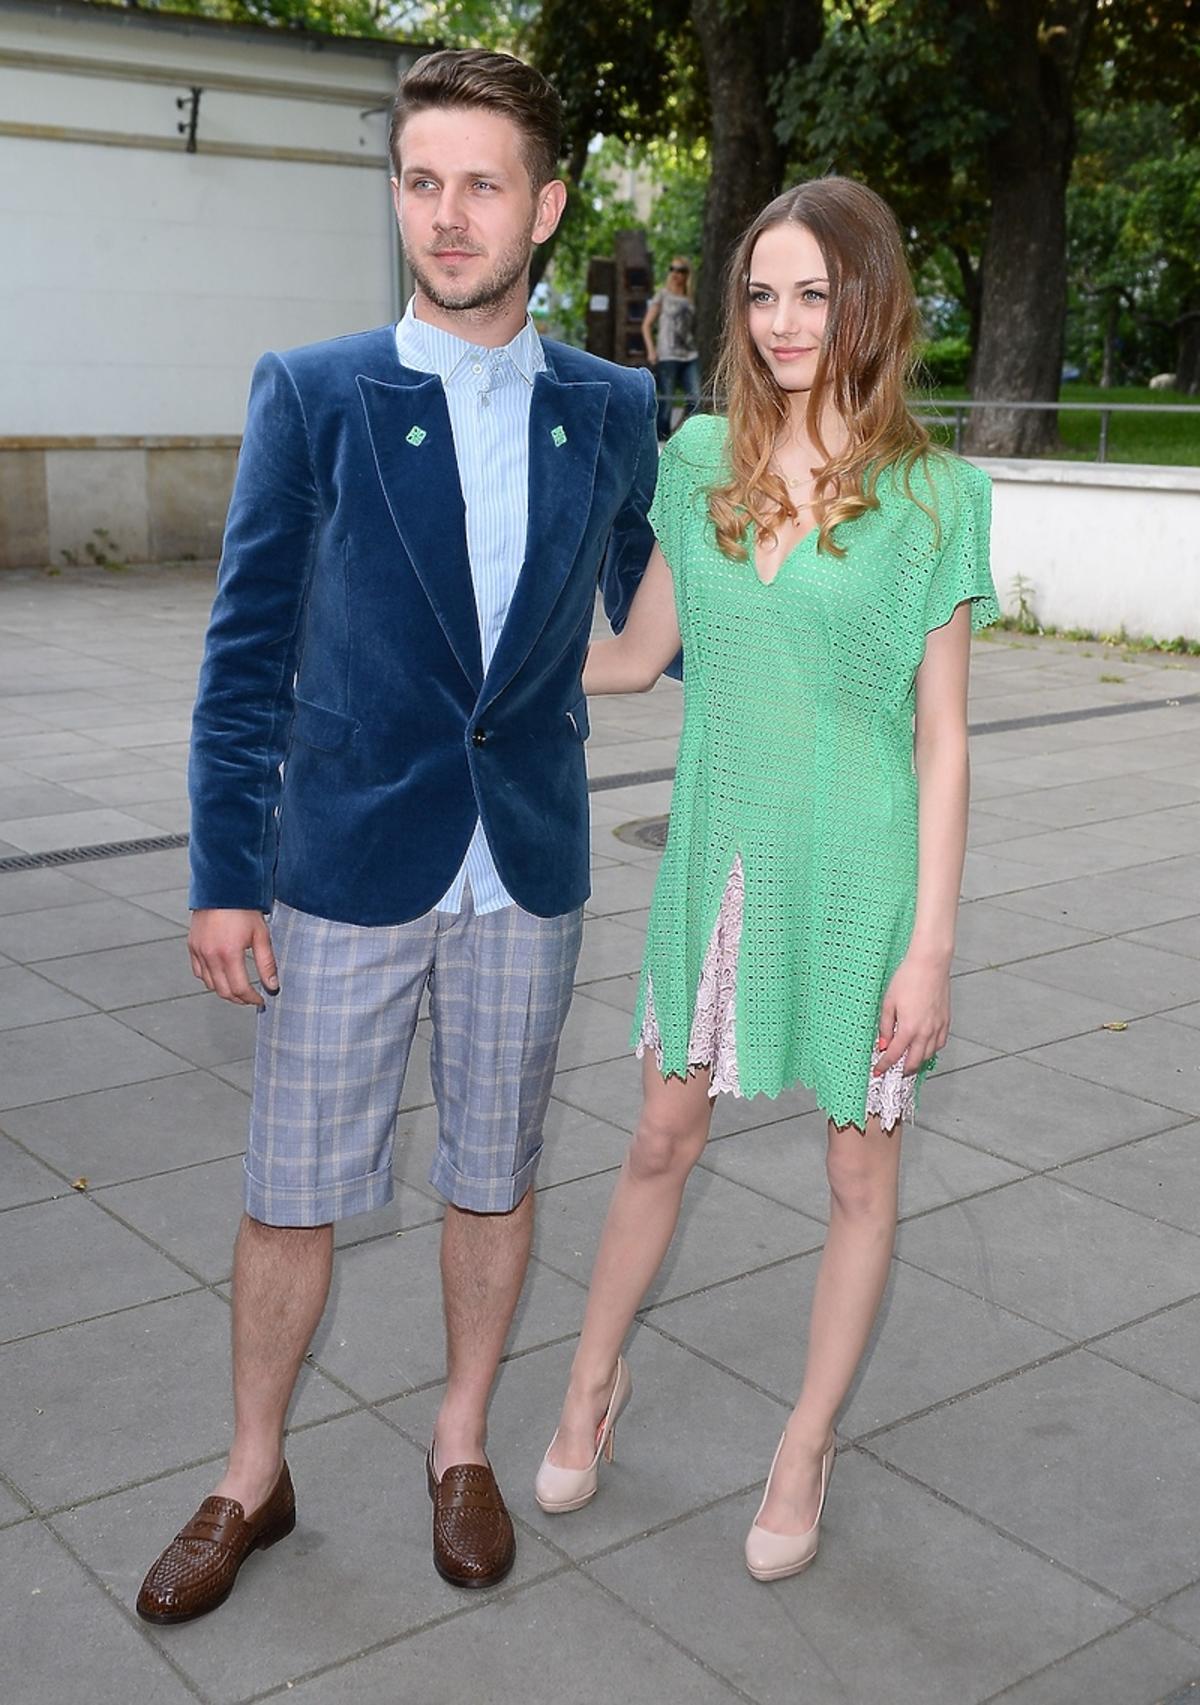 Antek Królikowski w marynarce i spodenkach, Katarzyna Sawczuk w zielonej sukience